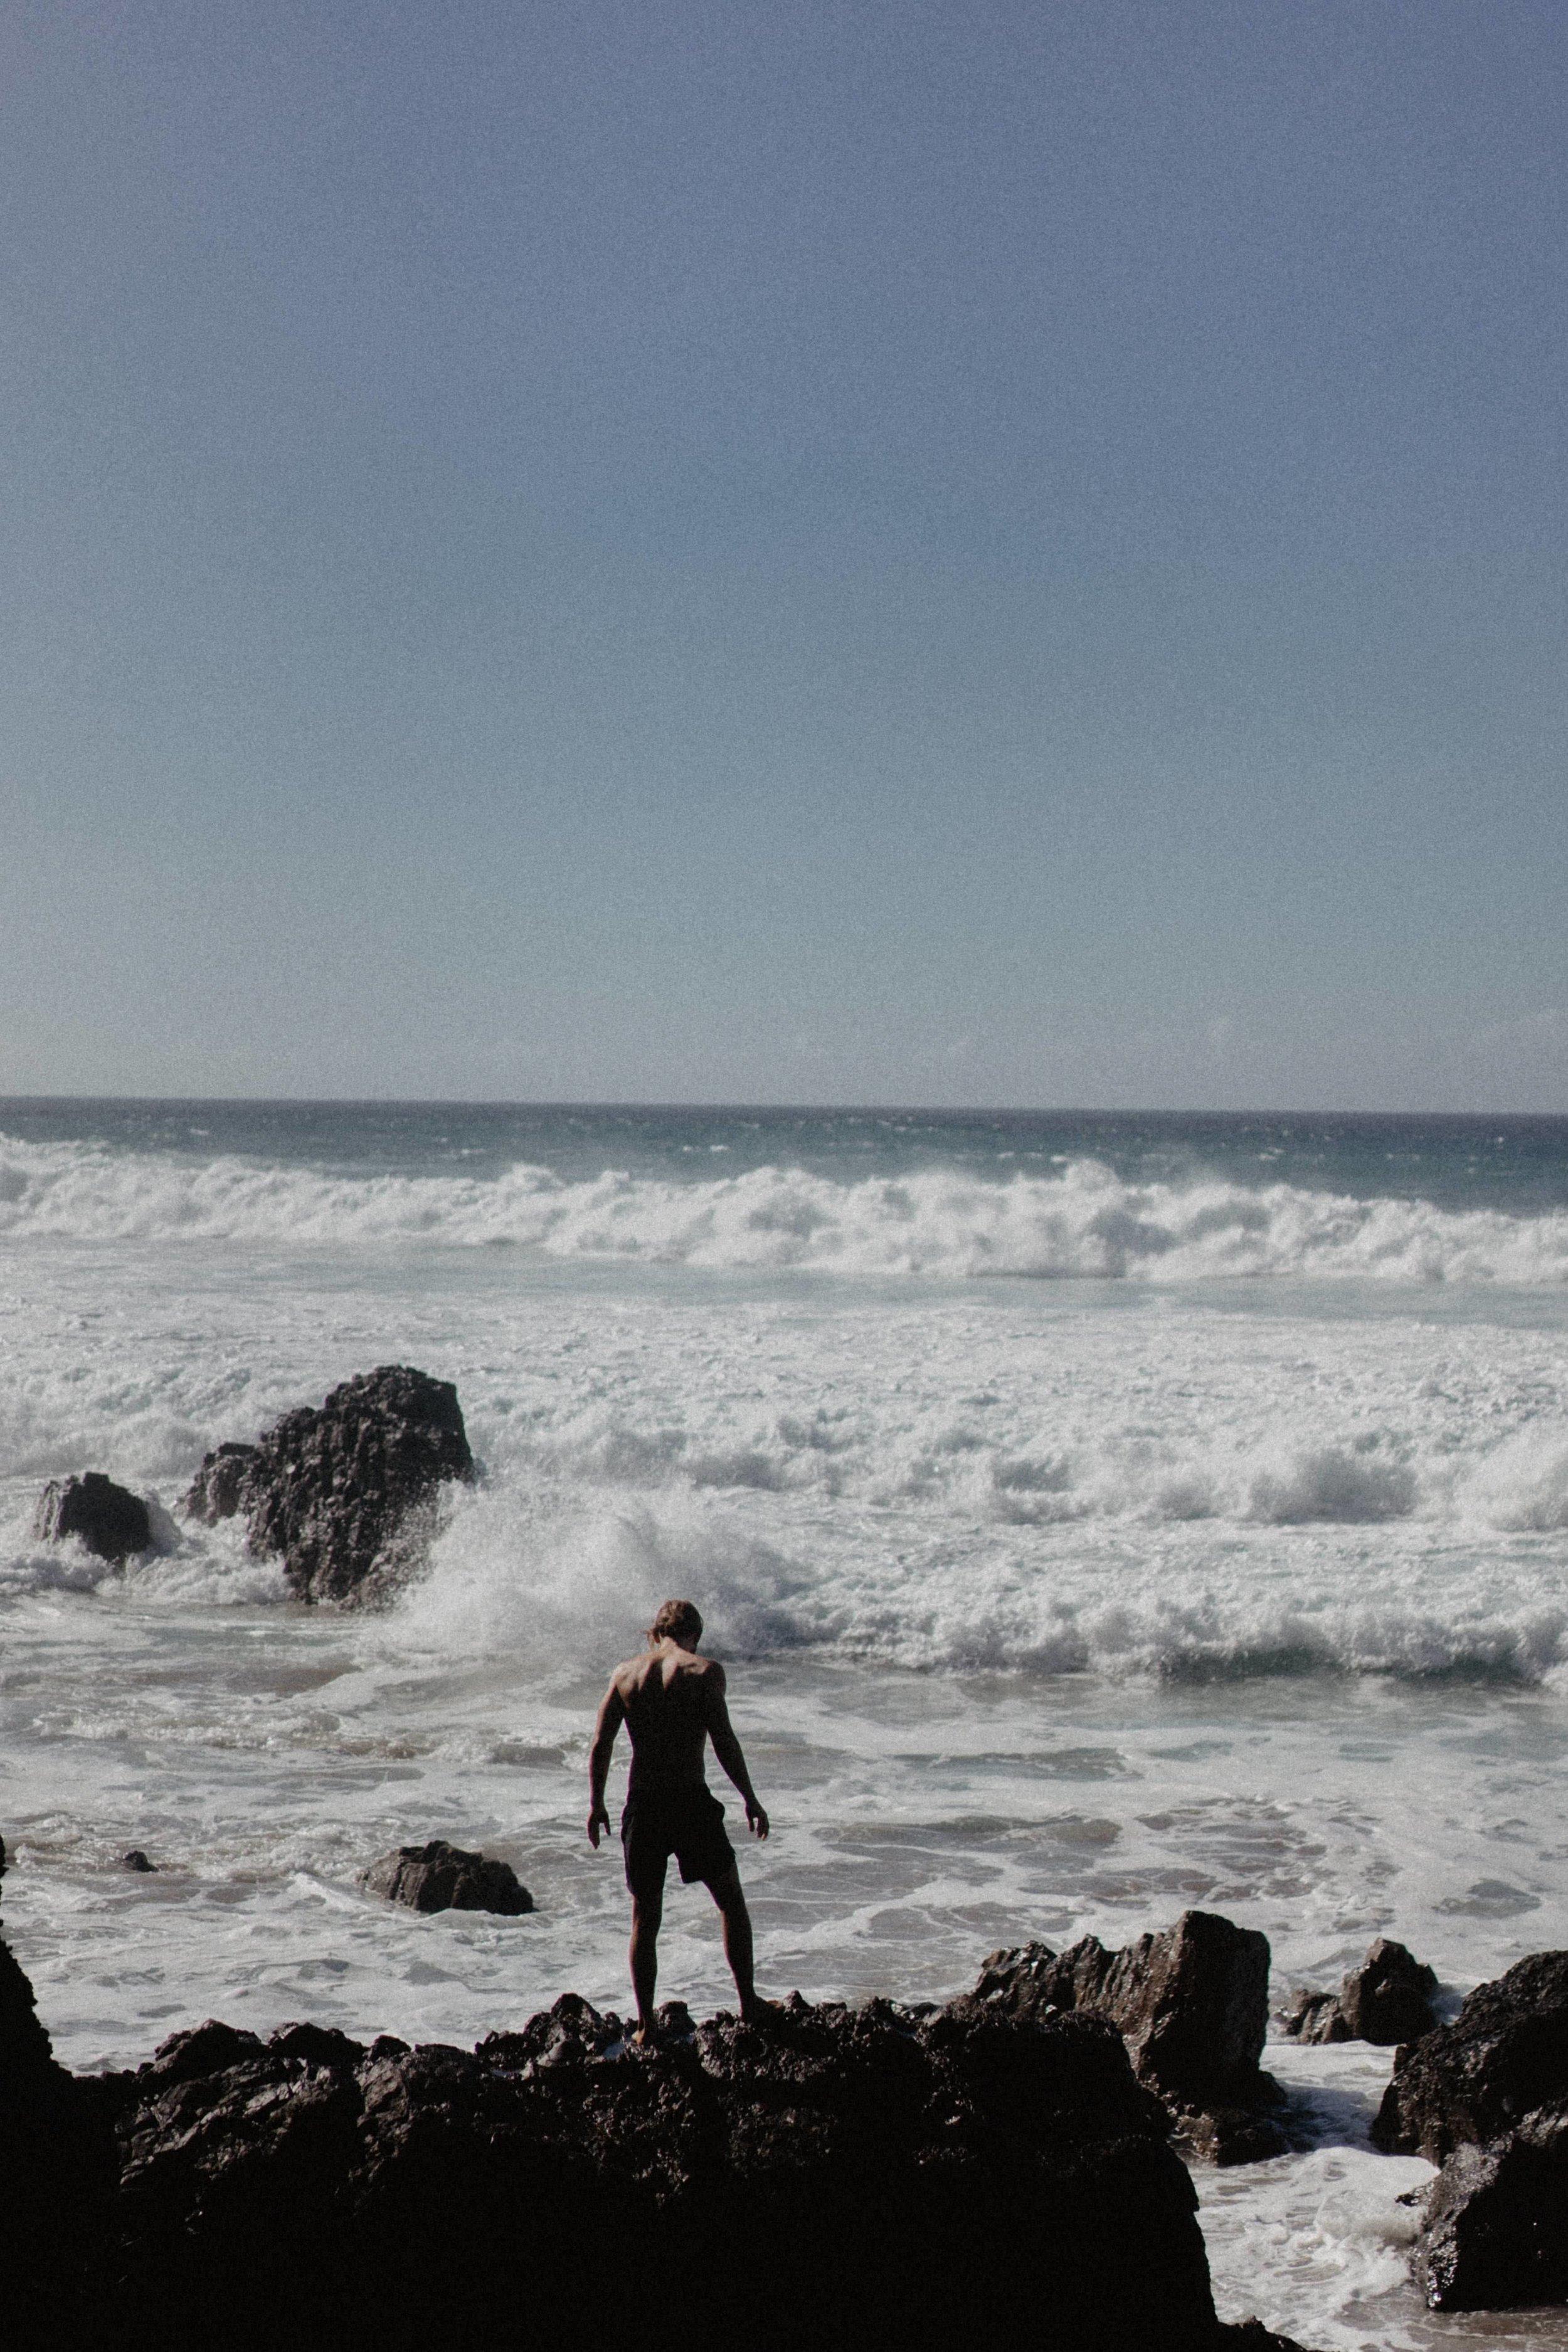 erik_winter_surf_surfing_1018.jpg